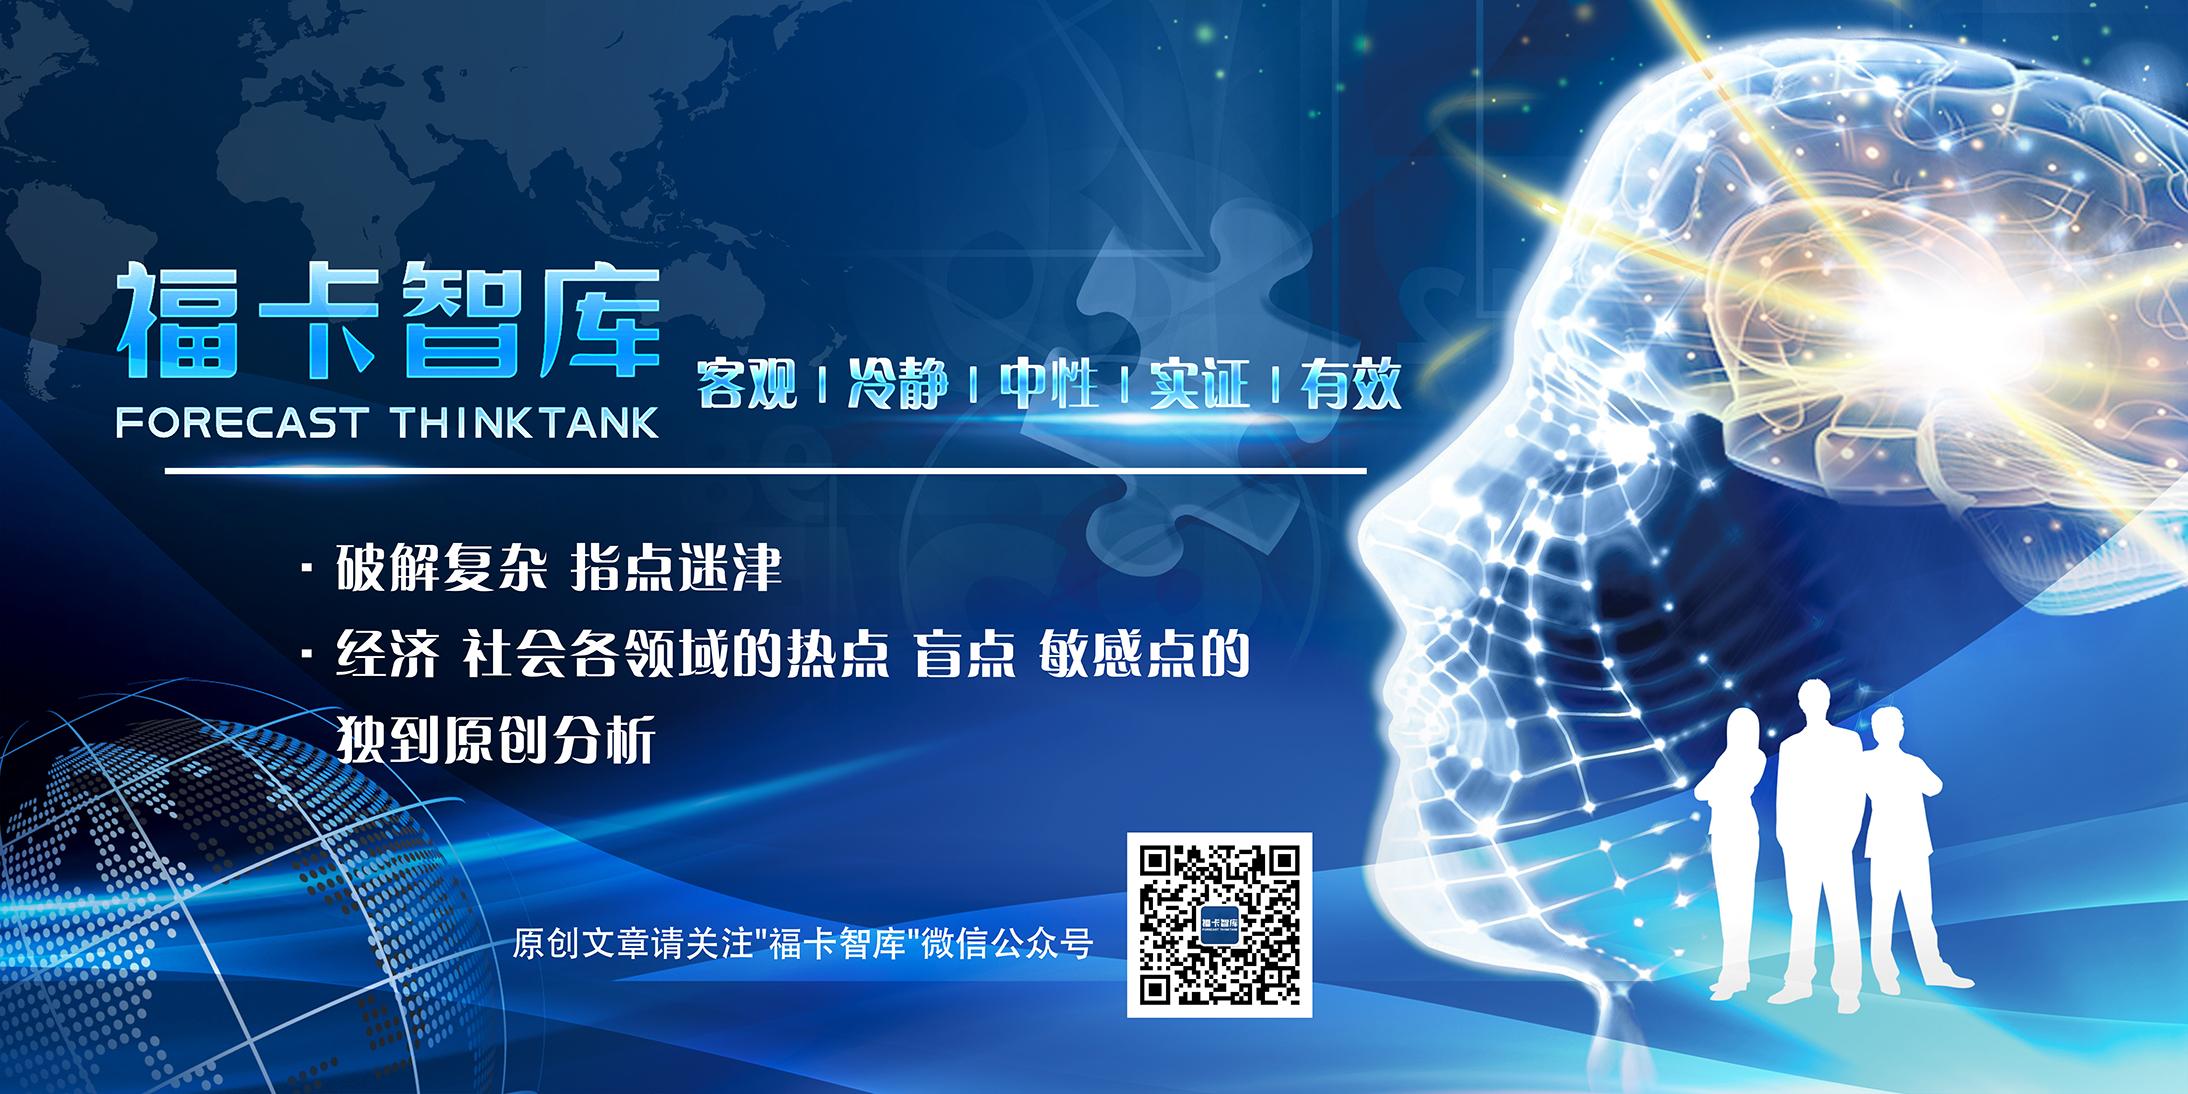 福卡智库横板 1.5MB 宽度2189高度1095.jpg